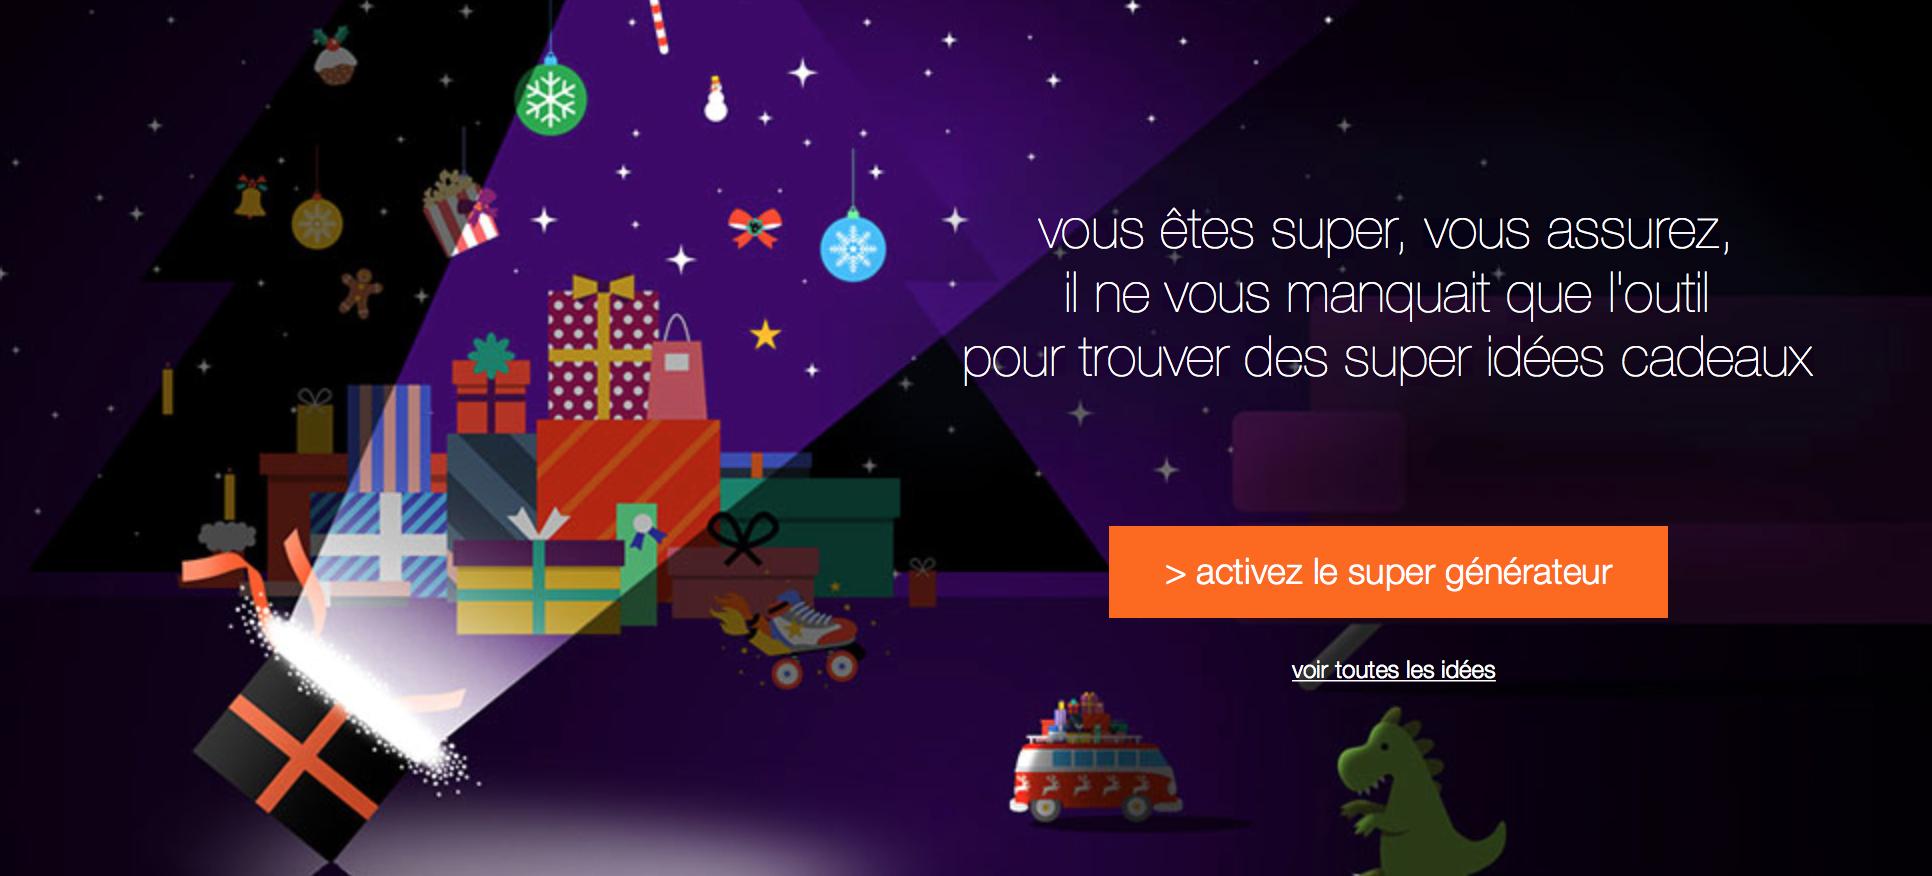 pour aider les personnes en manque d'inspiration pour Noël, orange lance son générateur de cadeaux